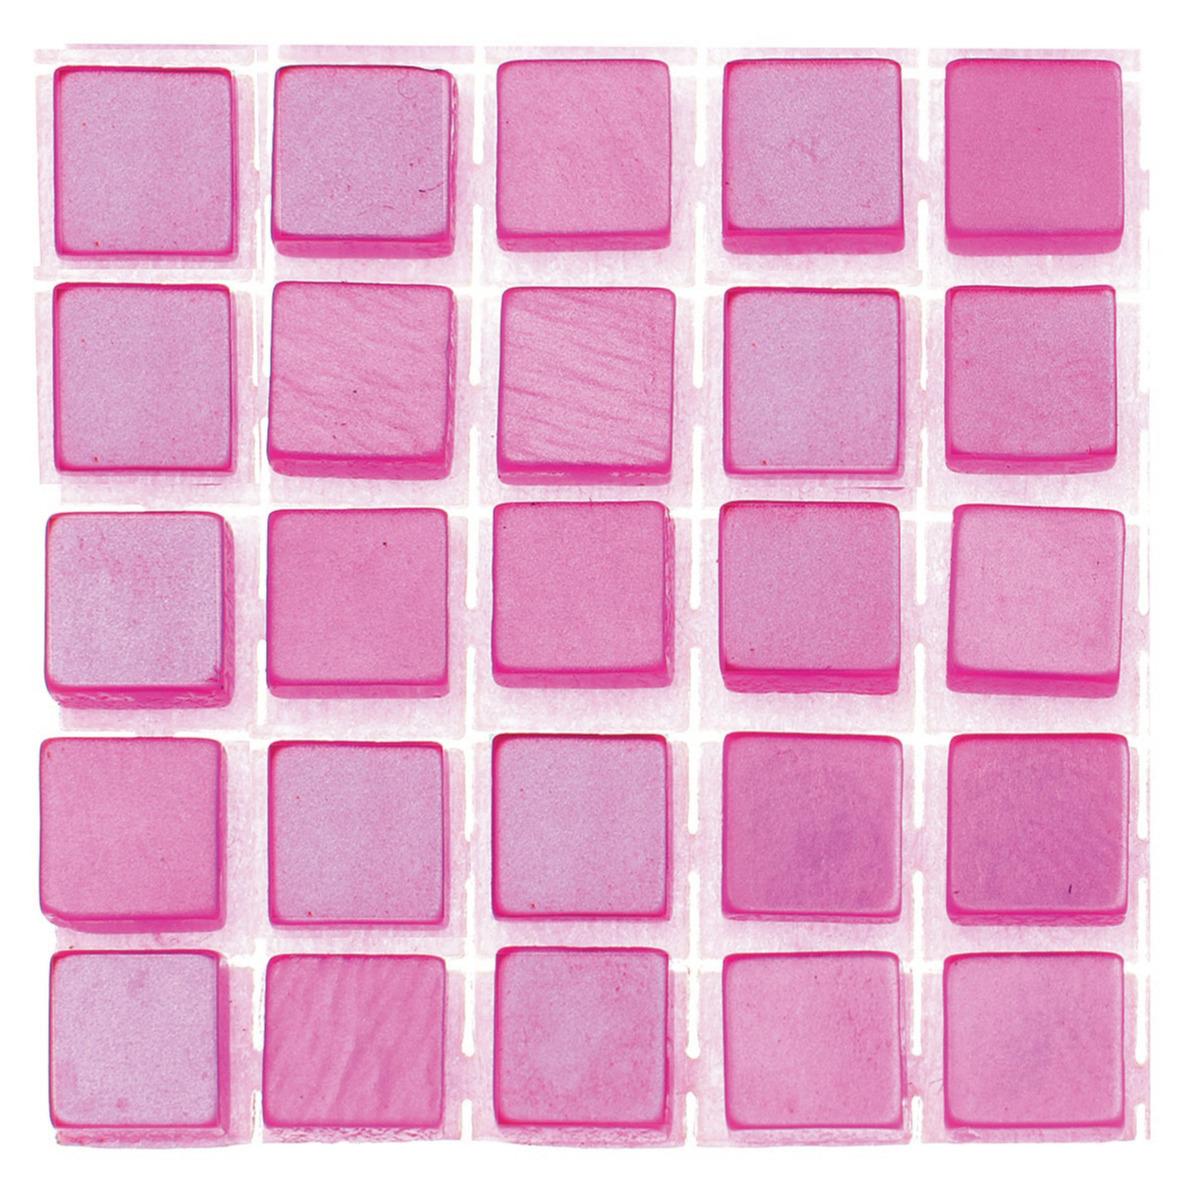 119x stuks mozaieken maken steentjes-tegels kleur roze 5 x 5 x 2 mm